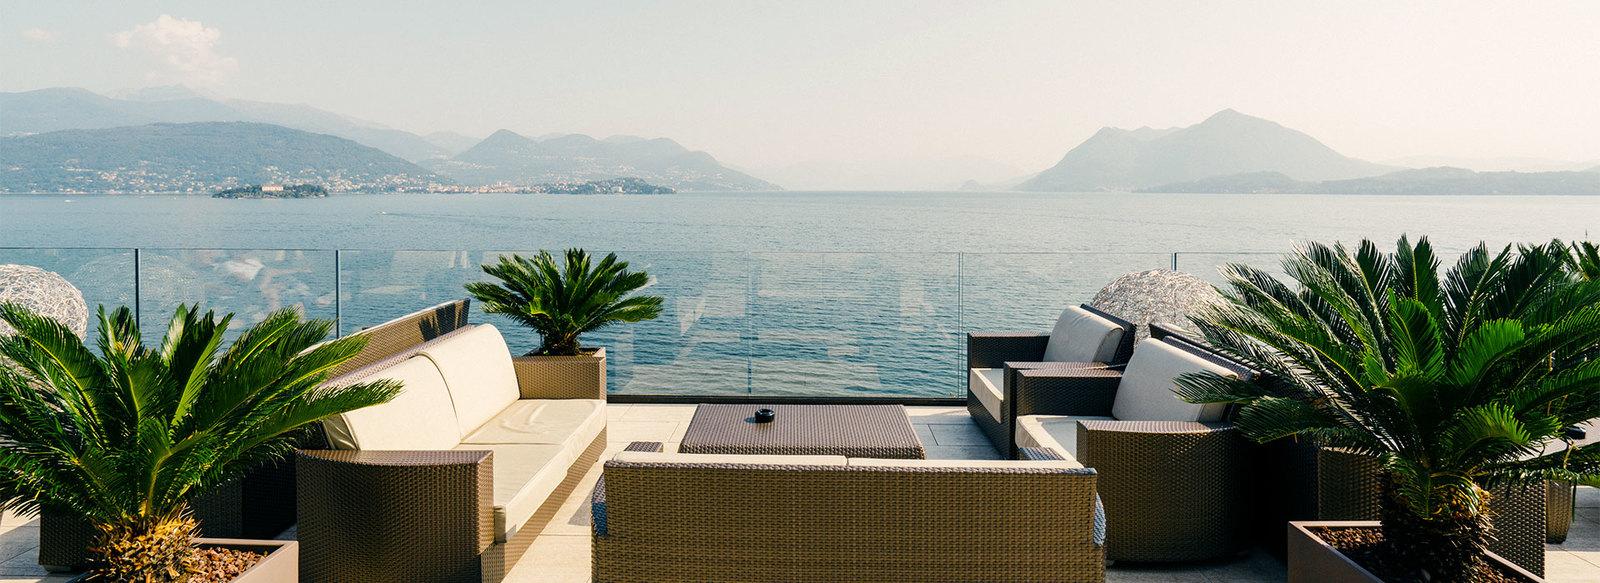 Elegante 4* sul lago Maggiore